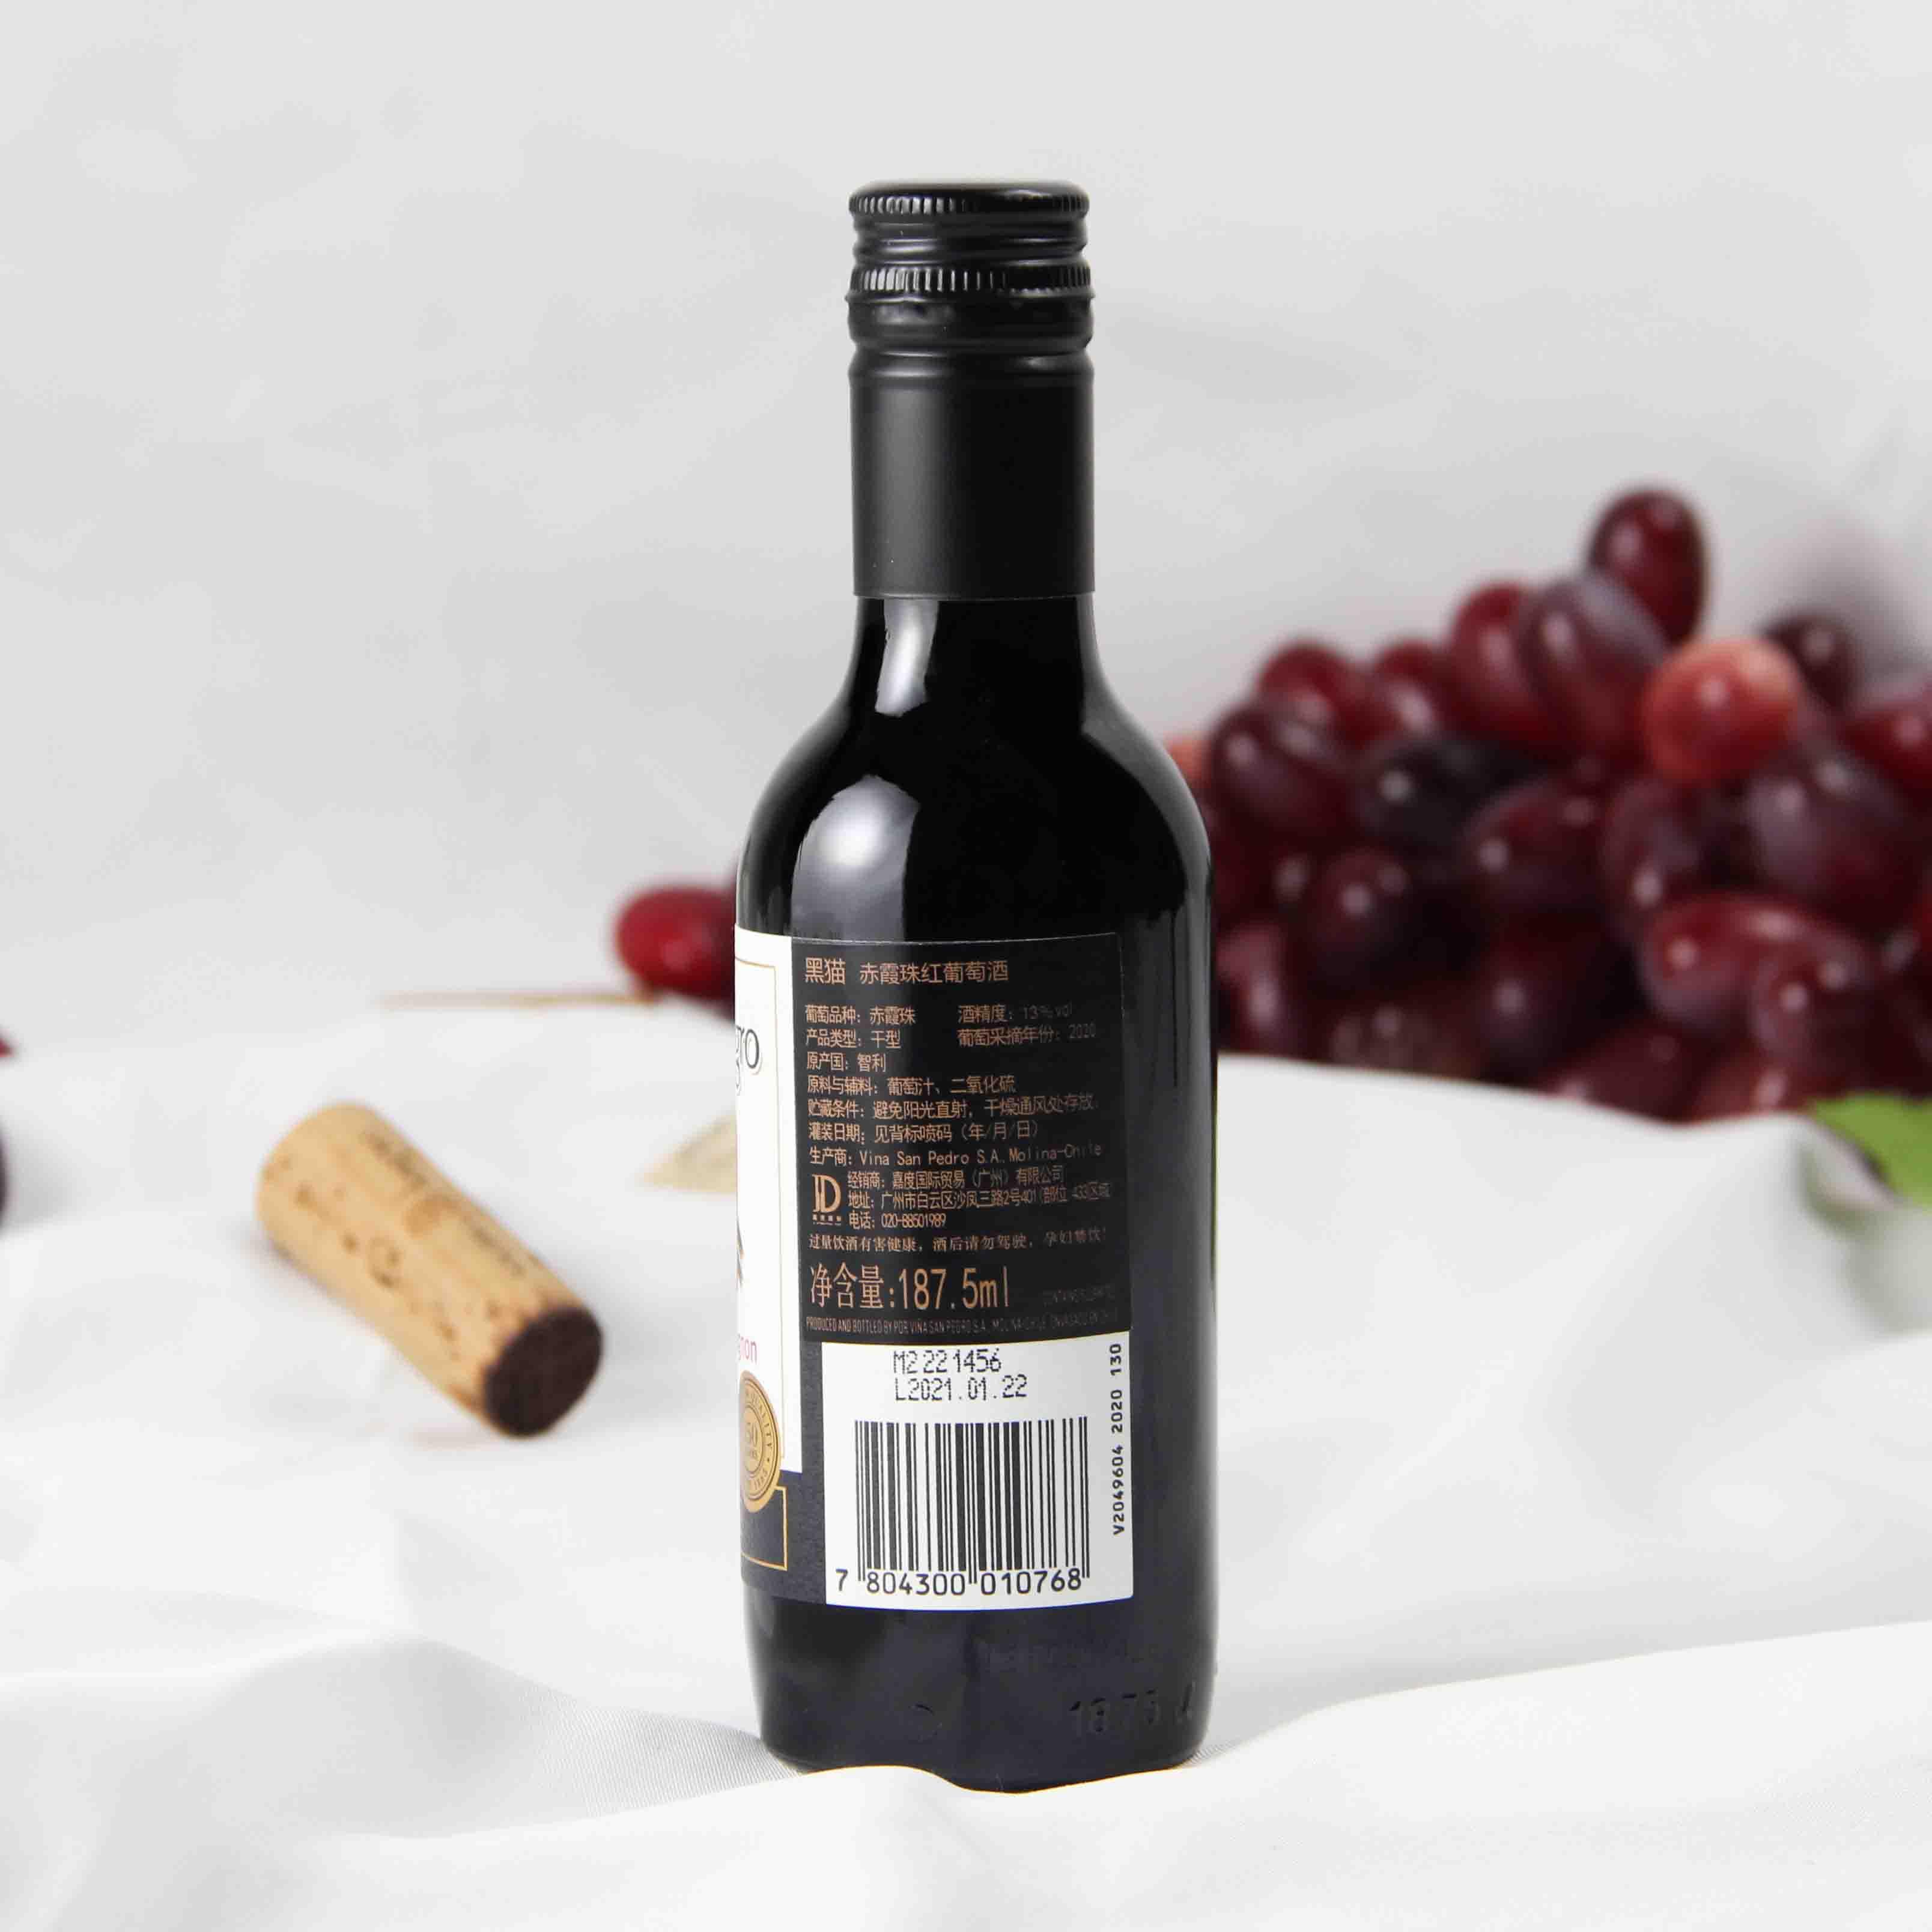 智利中央山谷黑猫赤霞珠红葡萄酒红酒187.5ml